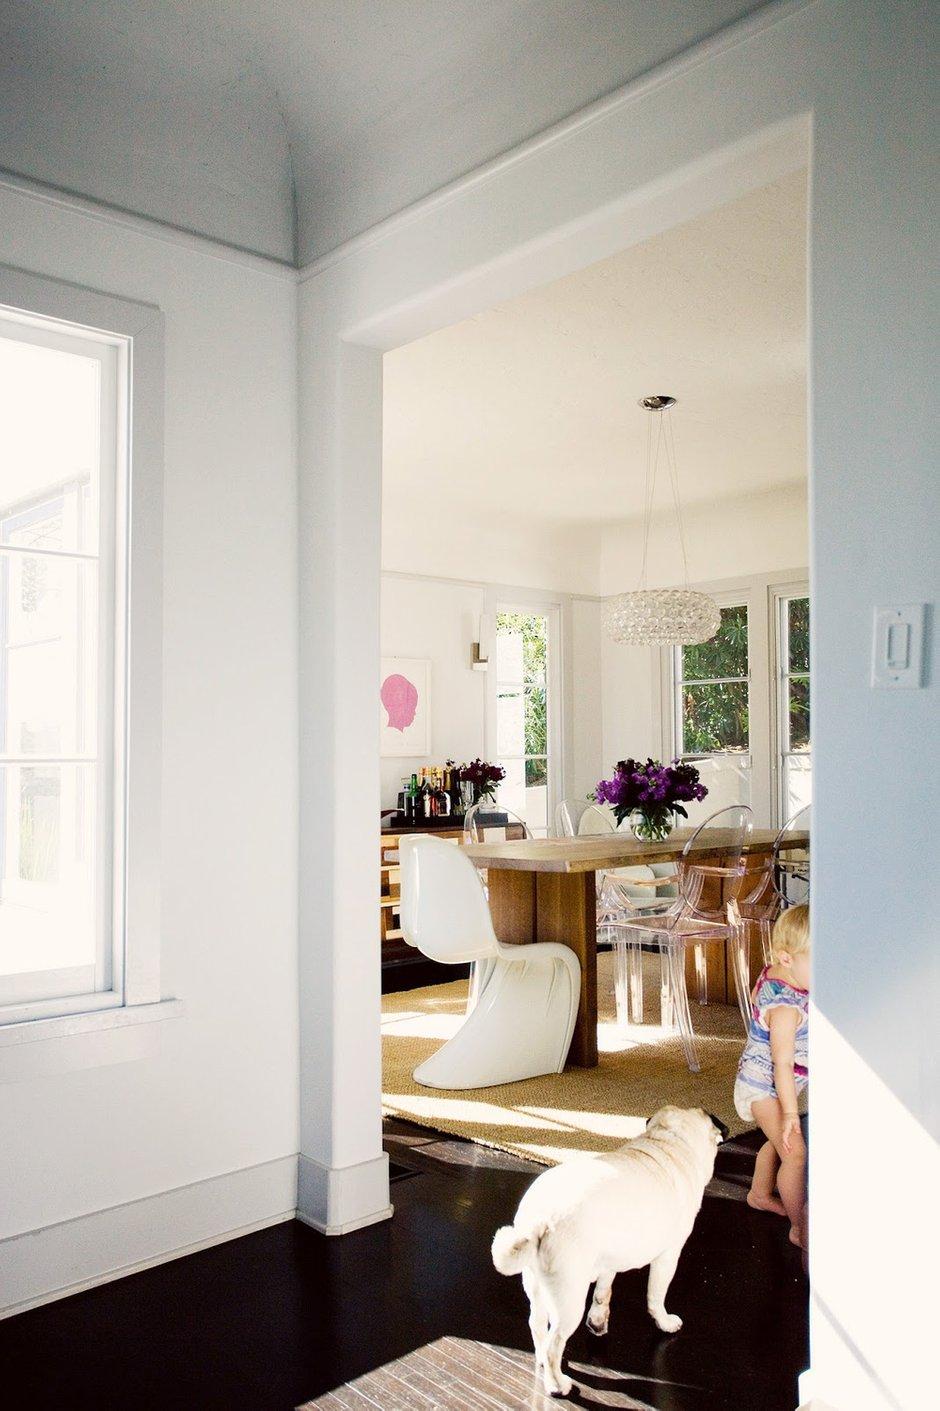 Фотография: Кухня и столовая в стиле Современный, Дом, Дома и квартиры, IKEA, Калифорния – фото на INMYROOM